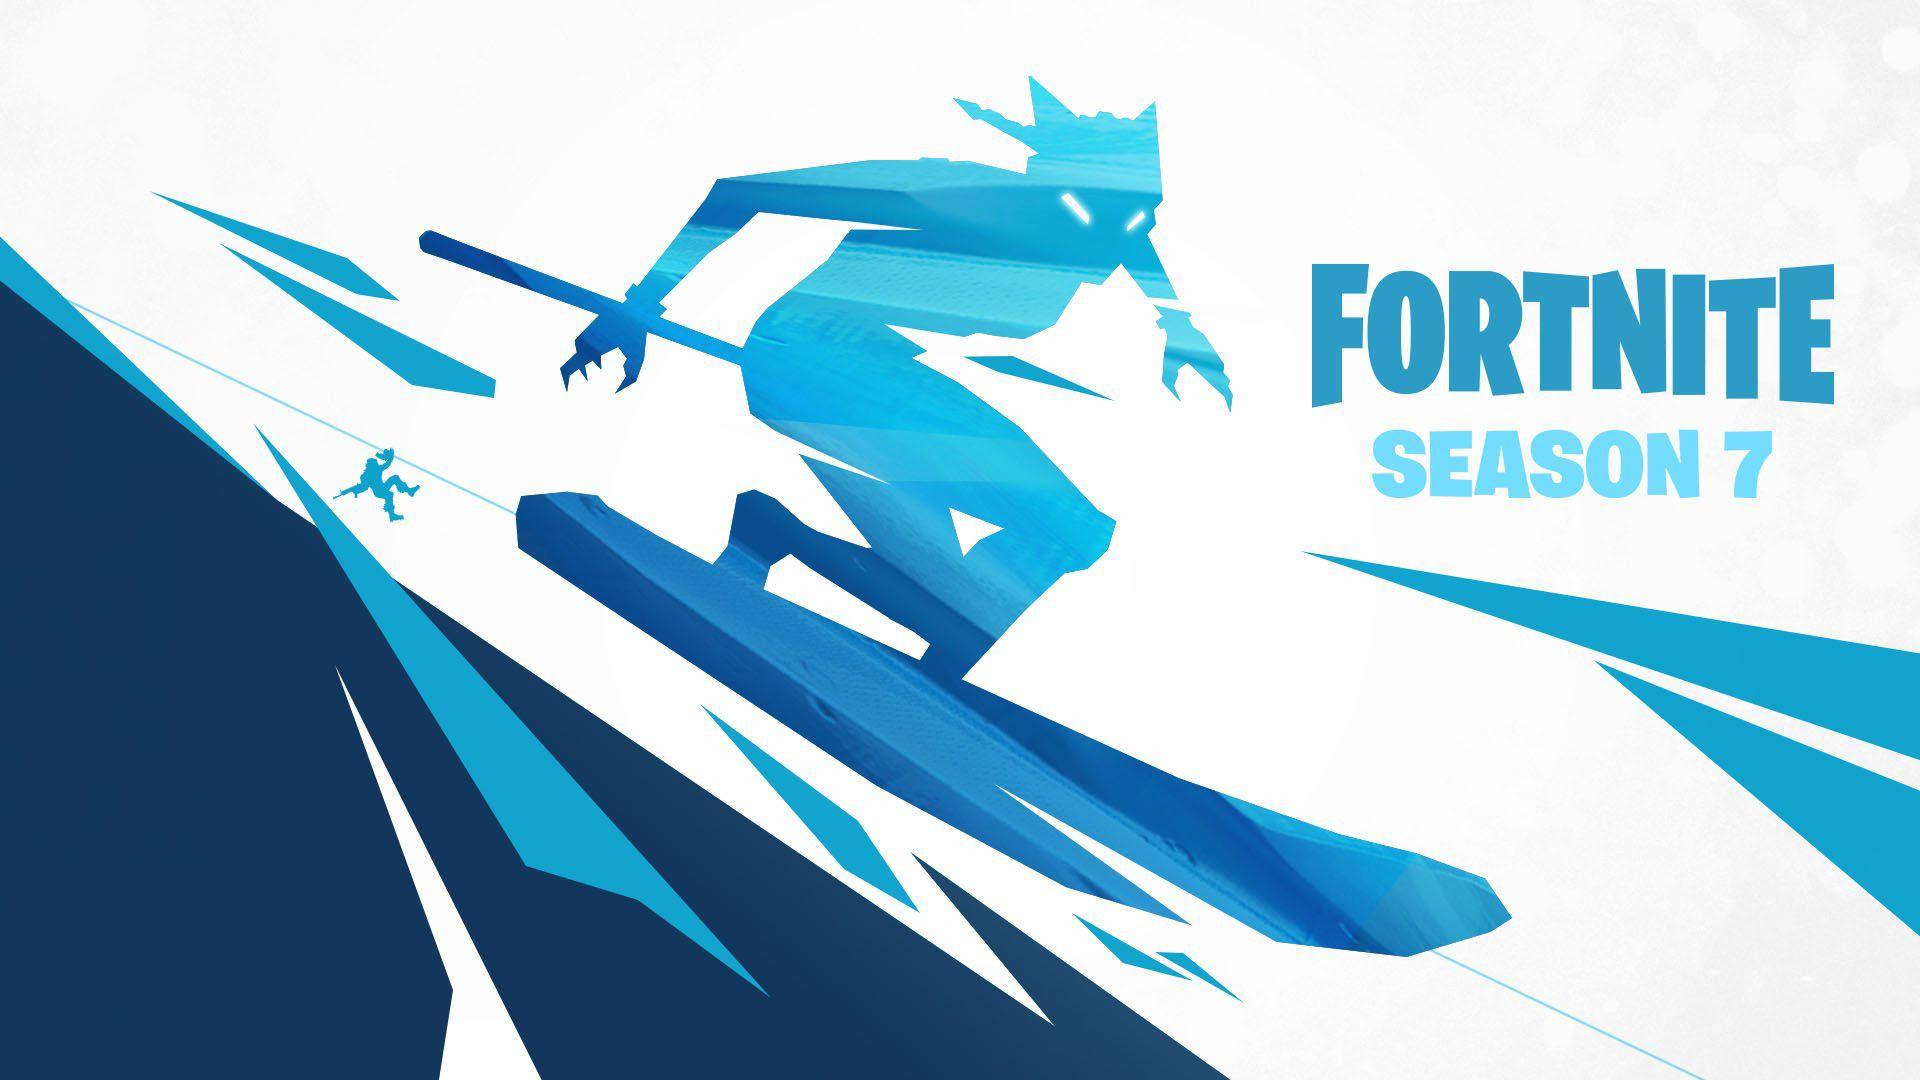 Fortnite Desktop Wallpapers Hd Fortnite Season 7 Epic Games